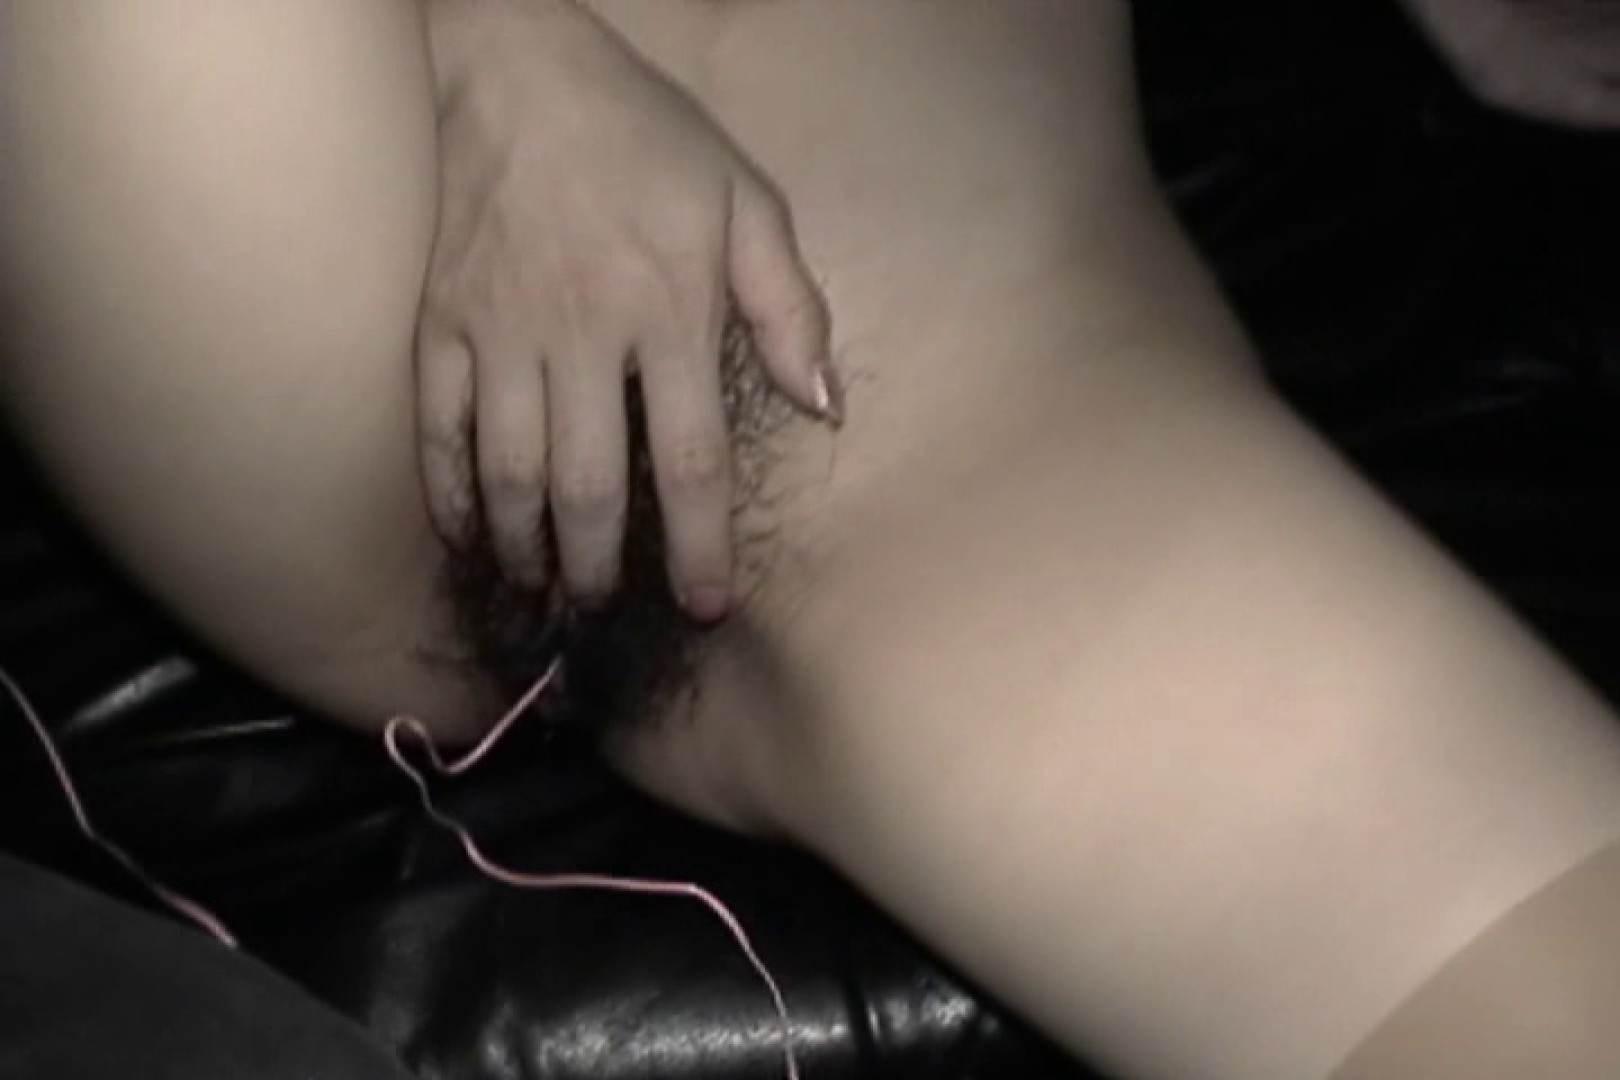 形の良いお椀型の美乳熟女とSEX~川島みさき~ クンニ | ギャル達の美乳  111画像 85